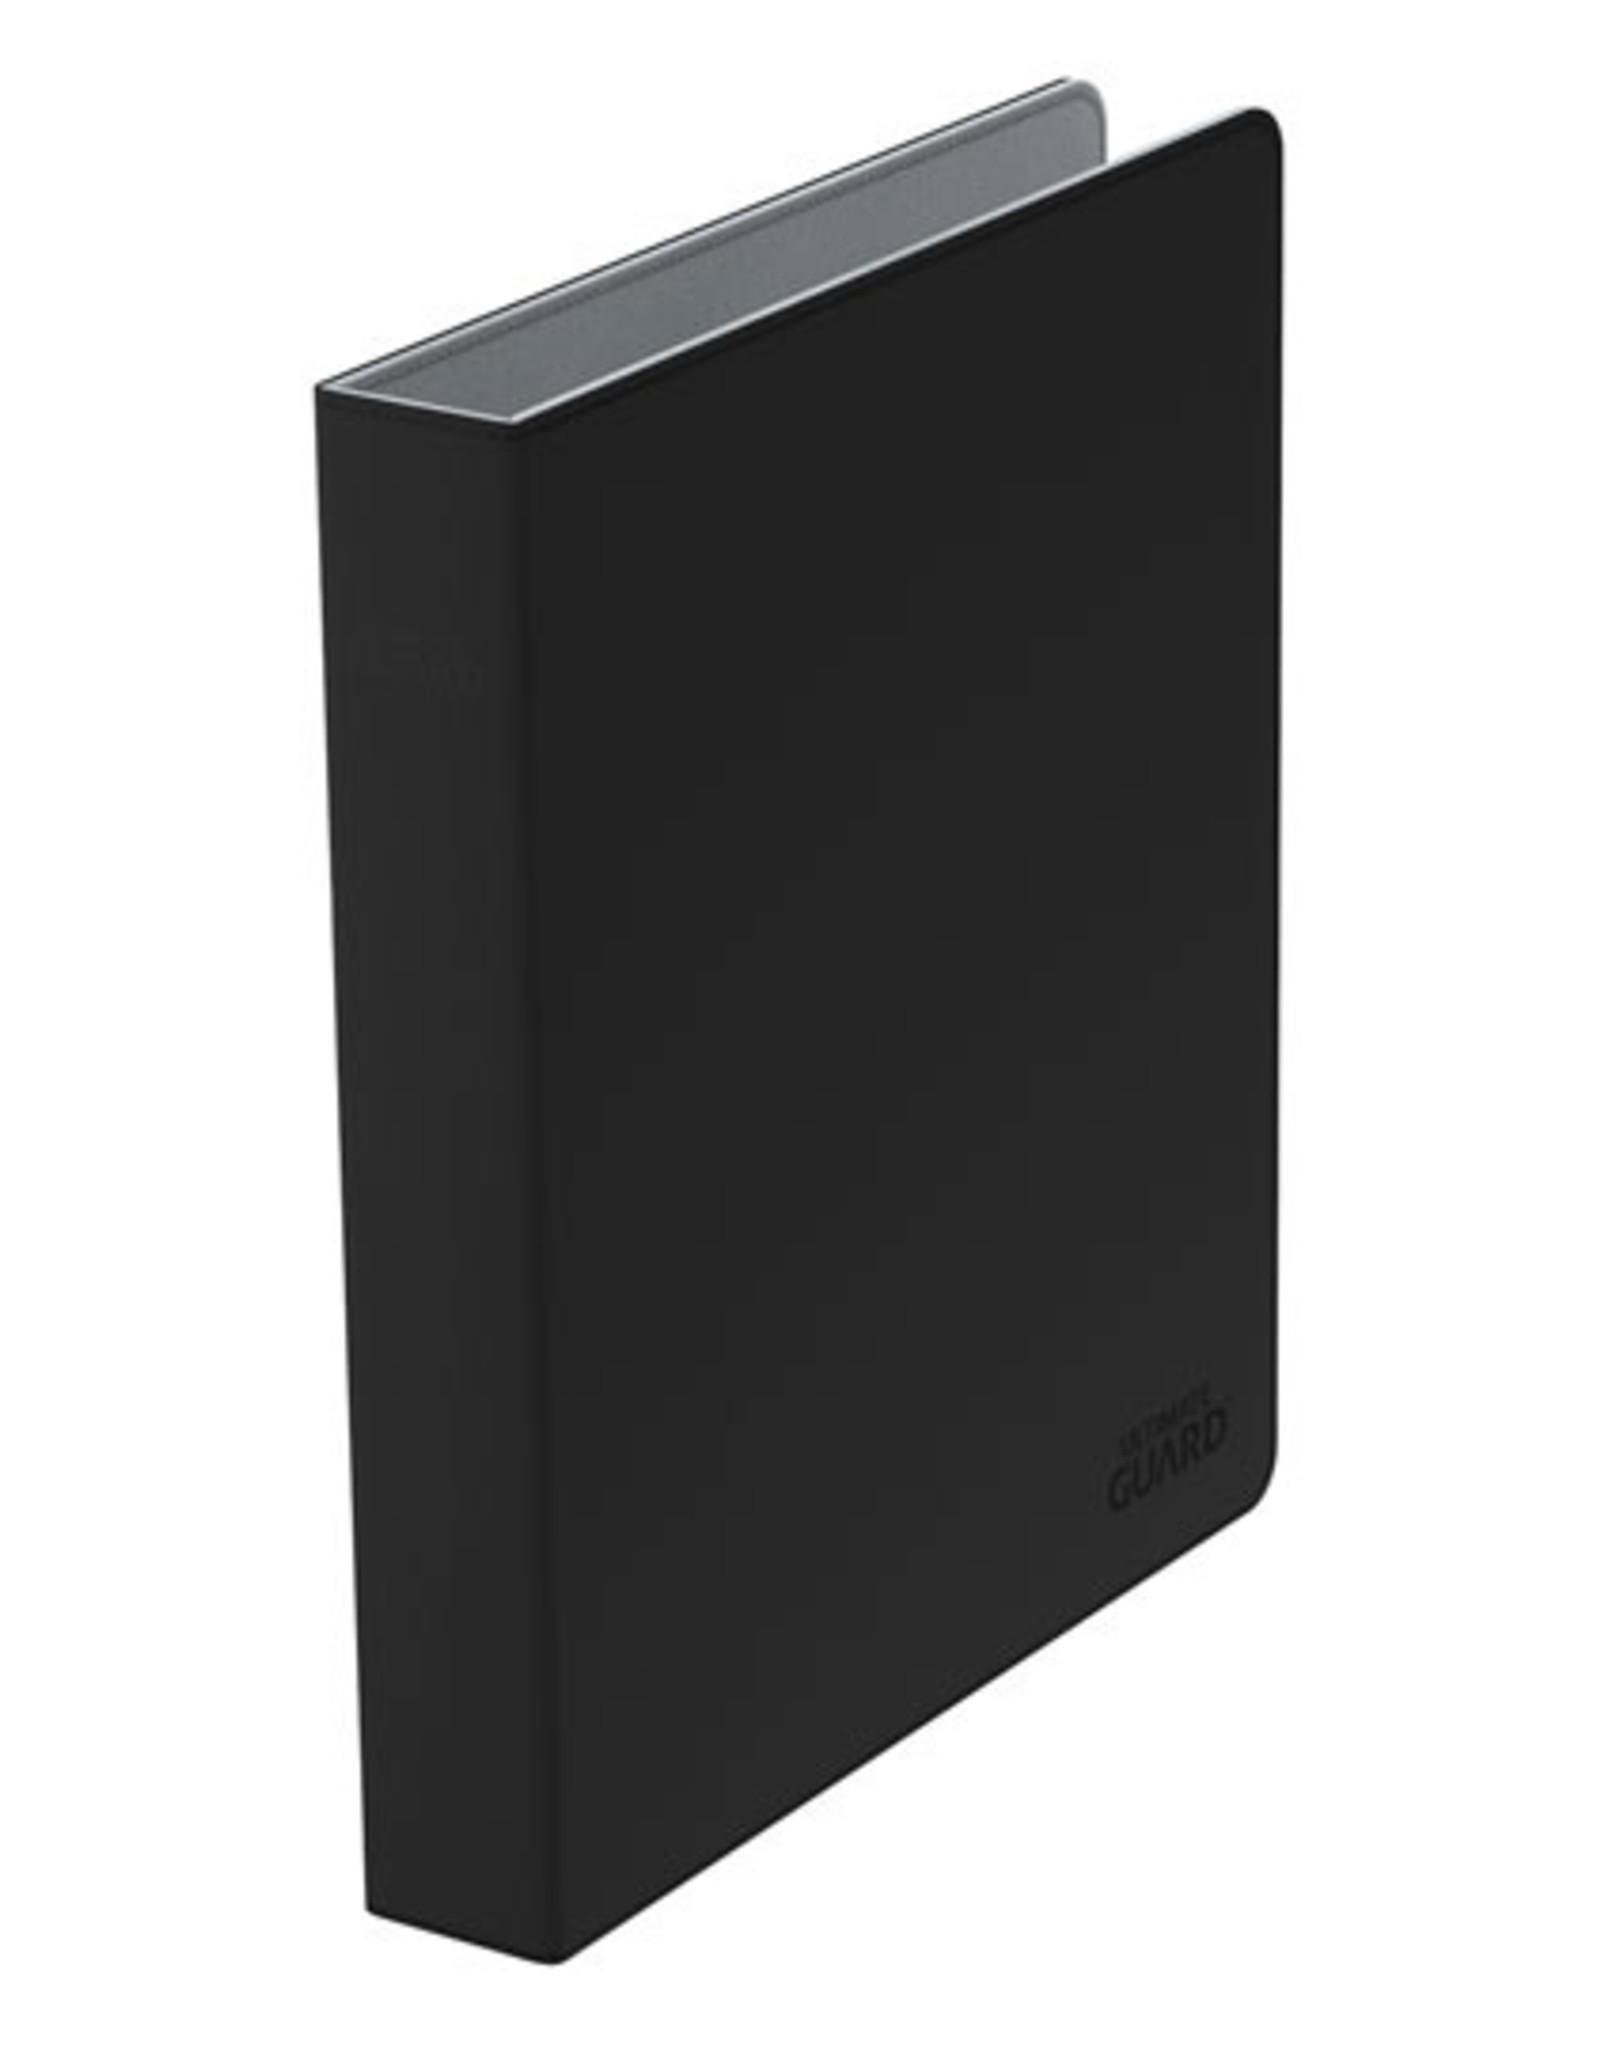 ULTIMATE GUARD Collector´s Album XenoSkin SLIM Black - Ultimate Guard